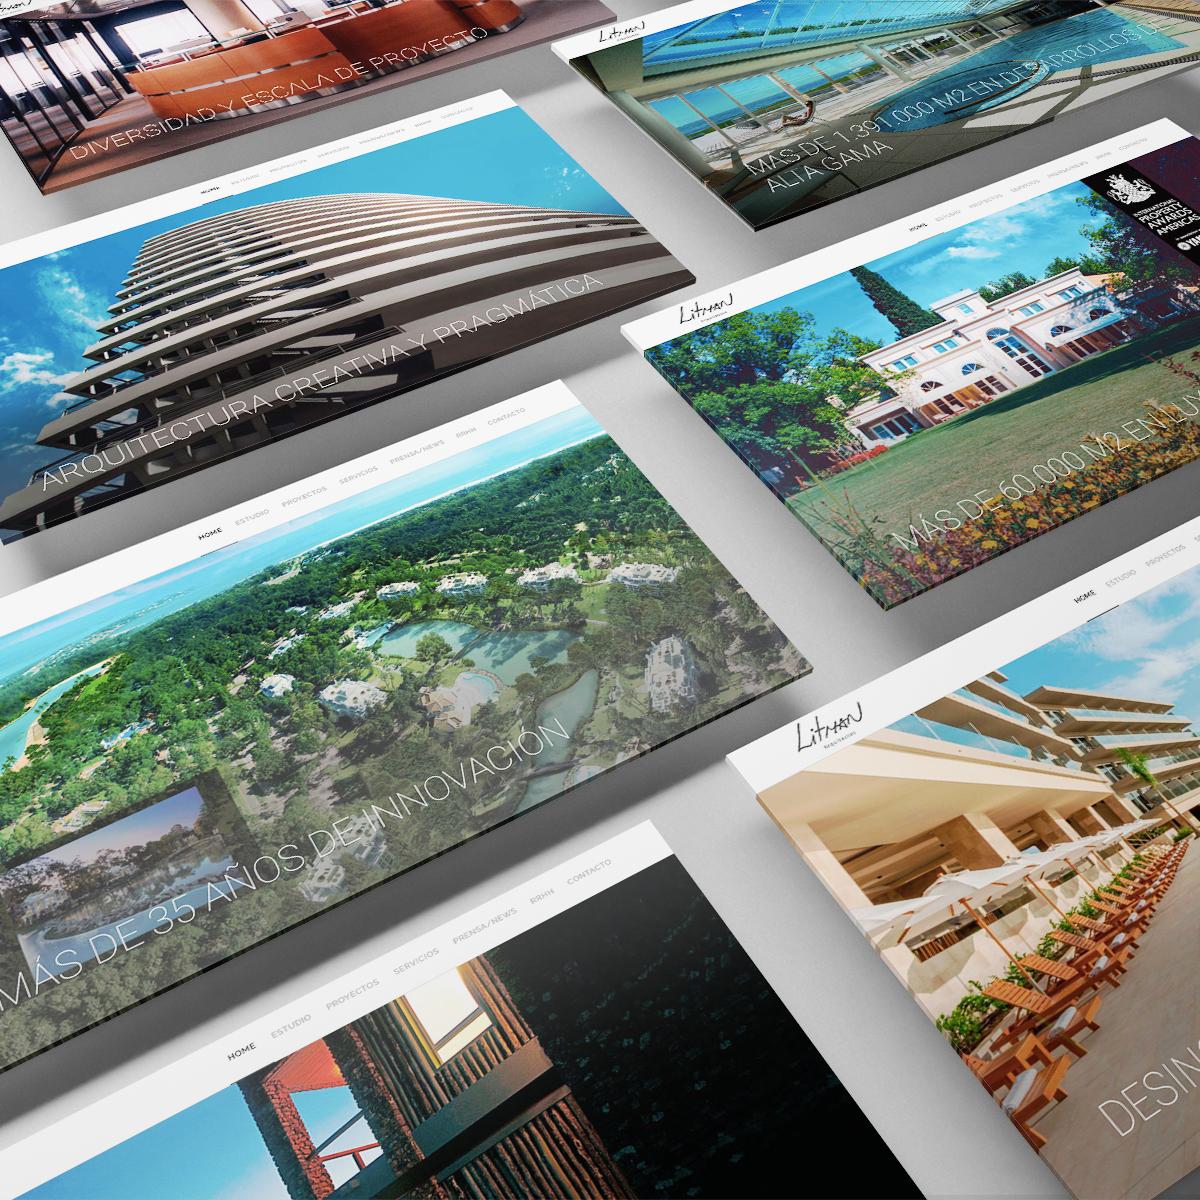 Litman arquitectos website